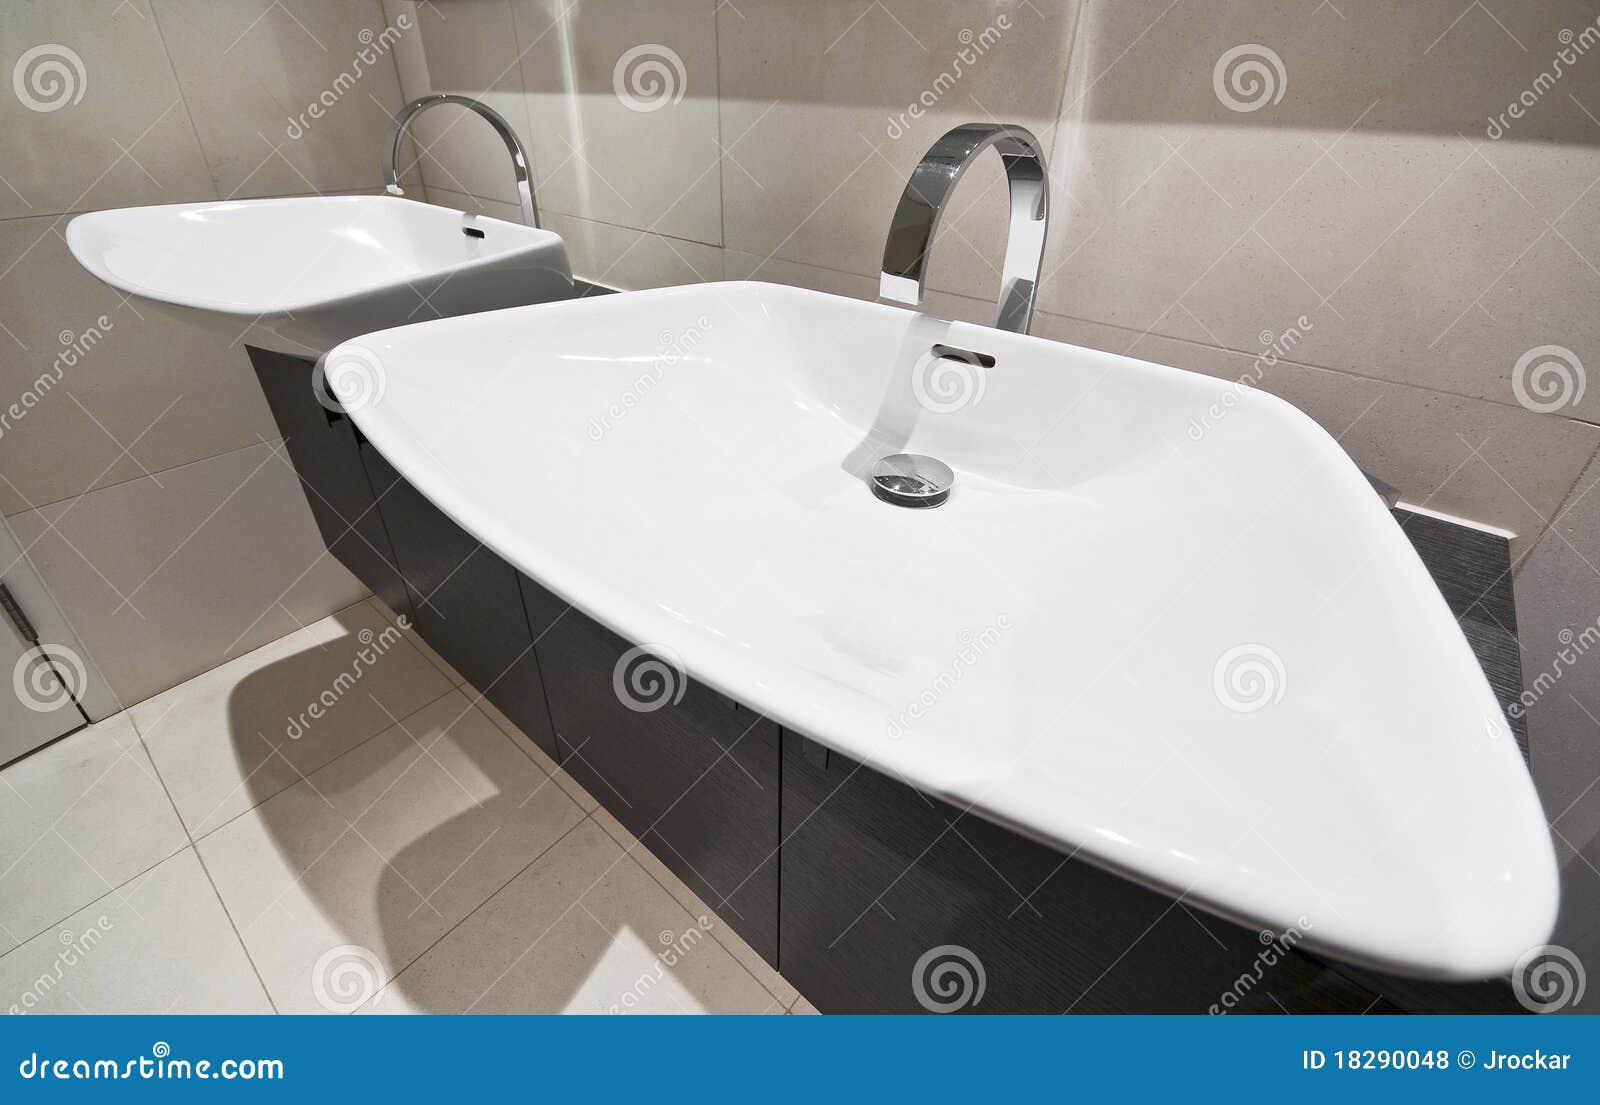 Stock mobili bagno immagine stock di sanitari e arredo bagno